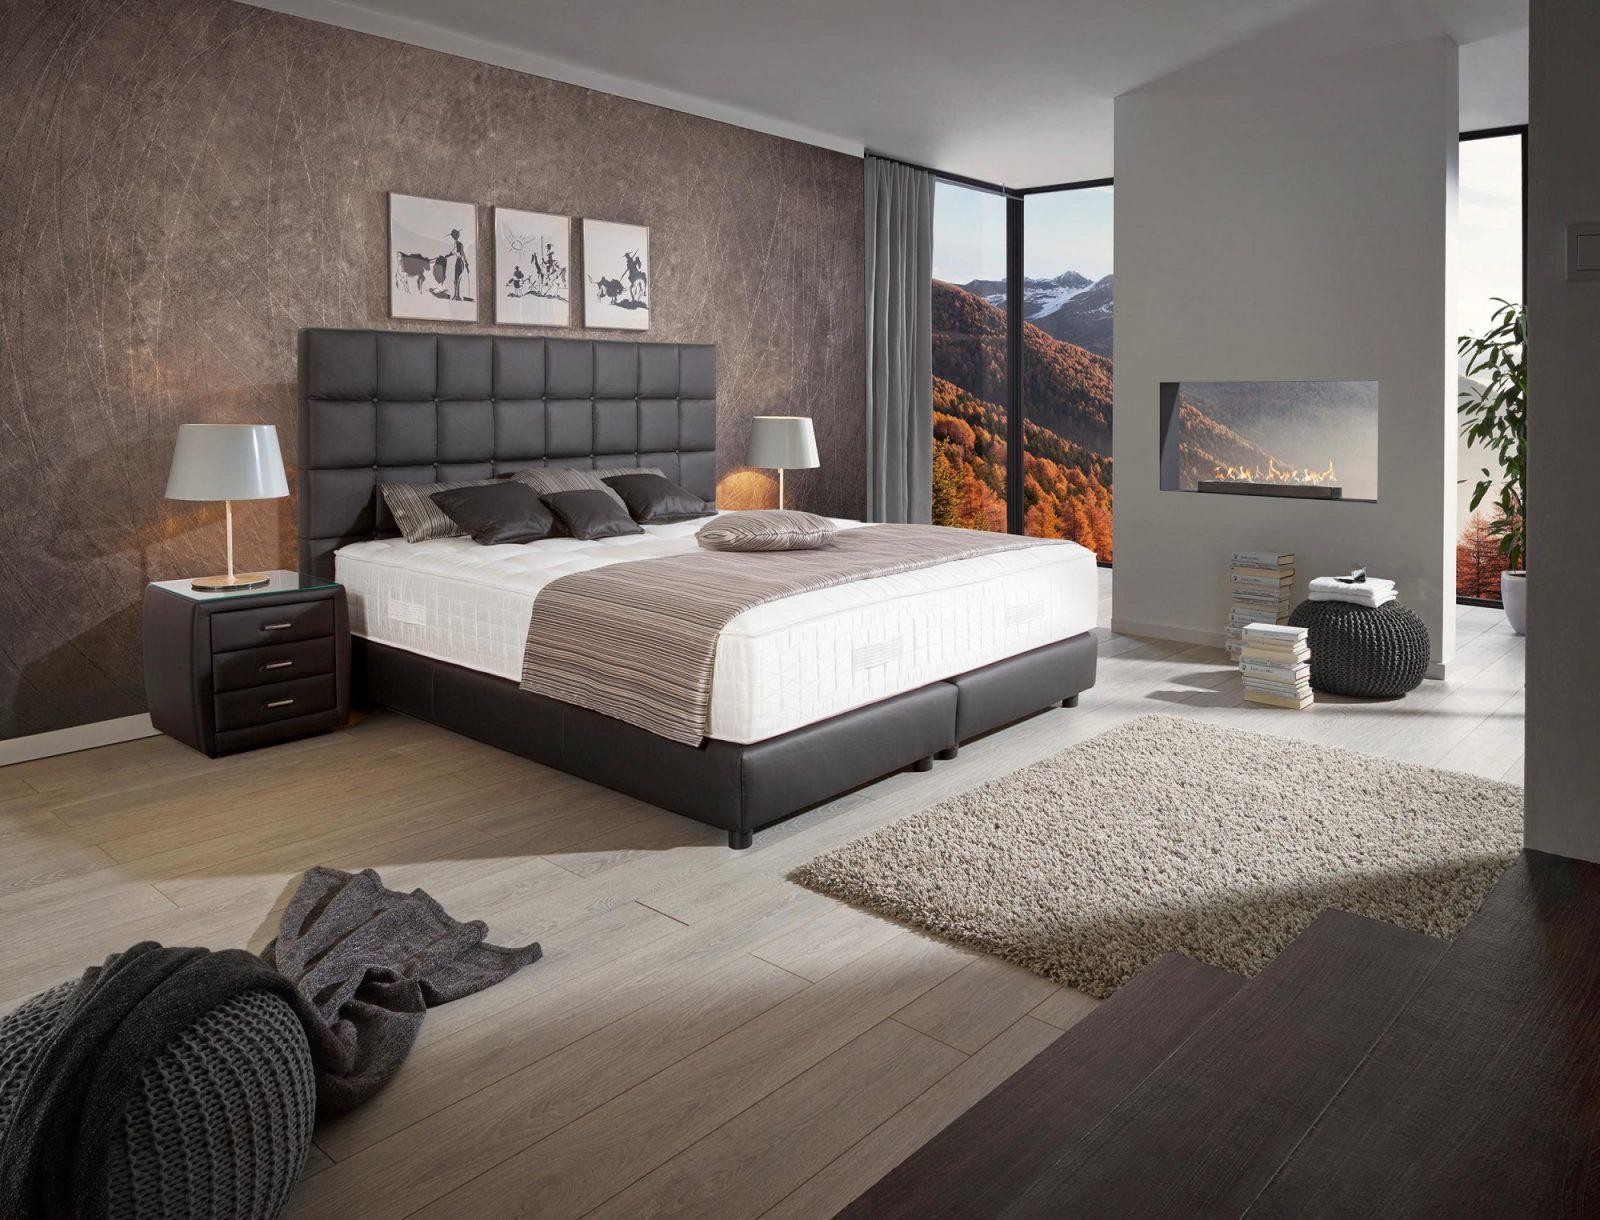 Schlafzimmerwandgestaltung Lass Dich Inspirieren von Schlafzimmer Ideen Mit Boxspringbett Photo